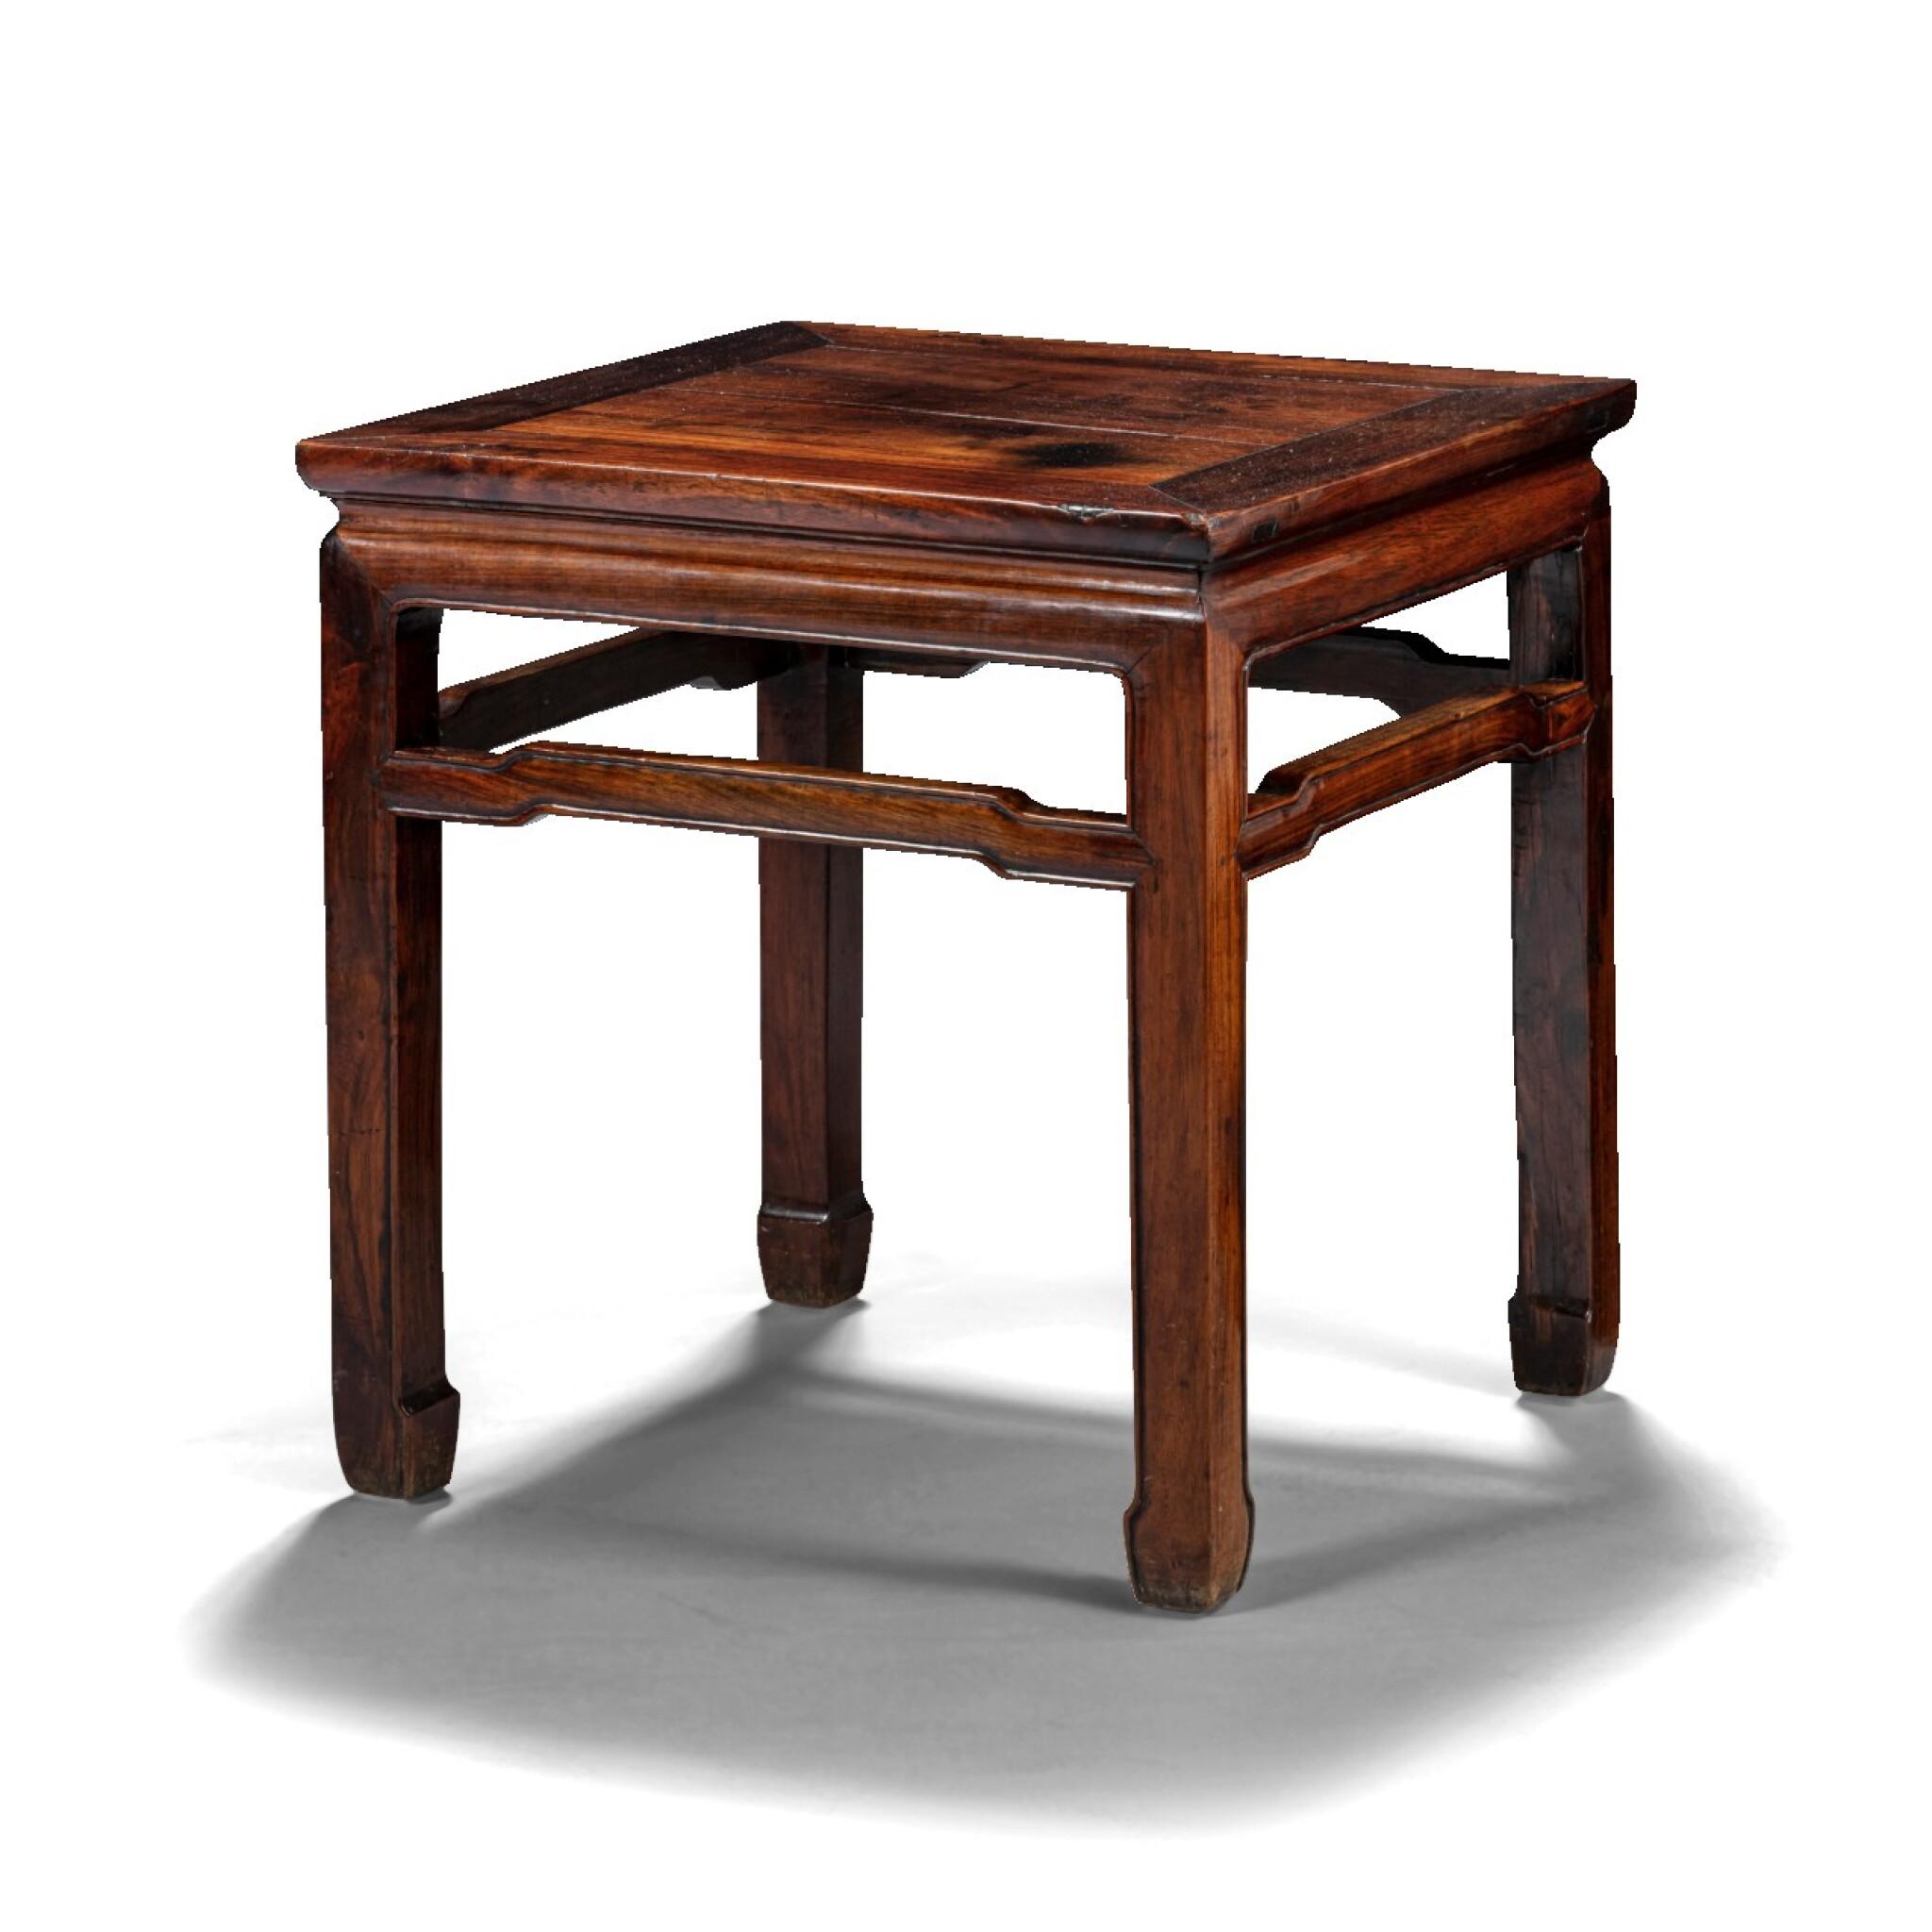 View 1 of Lot 94. Beau tabouret carré en hongmu Dynastie Qing, XIXE siècle   清十九世紀 紅木束腰馬蹄足方凳   A square hongmu stool, Qing Dynasty, 19th century.